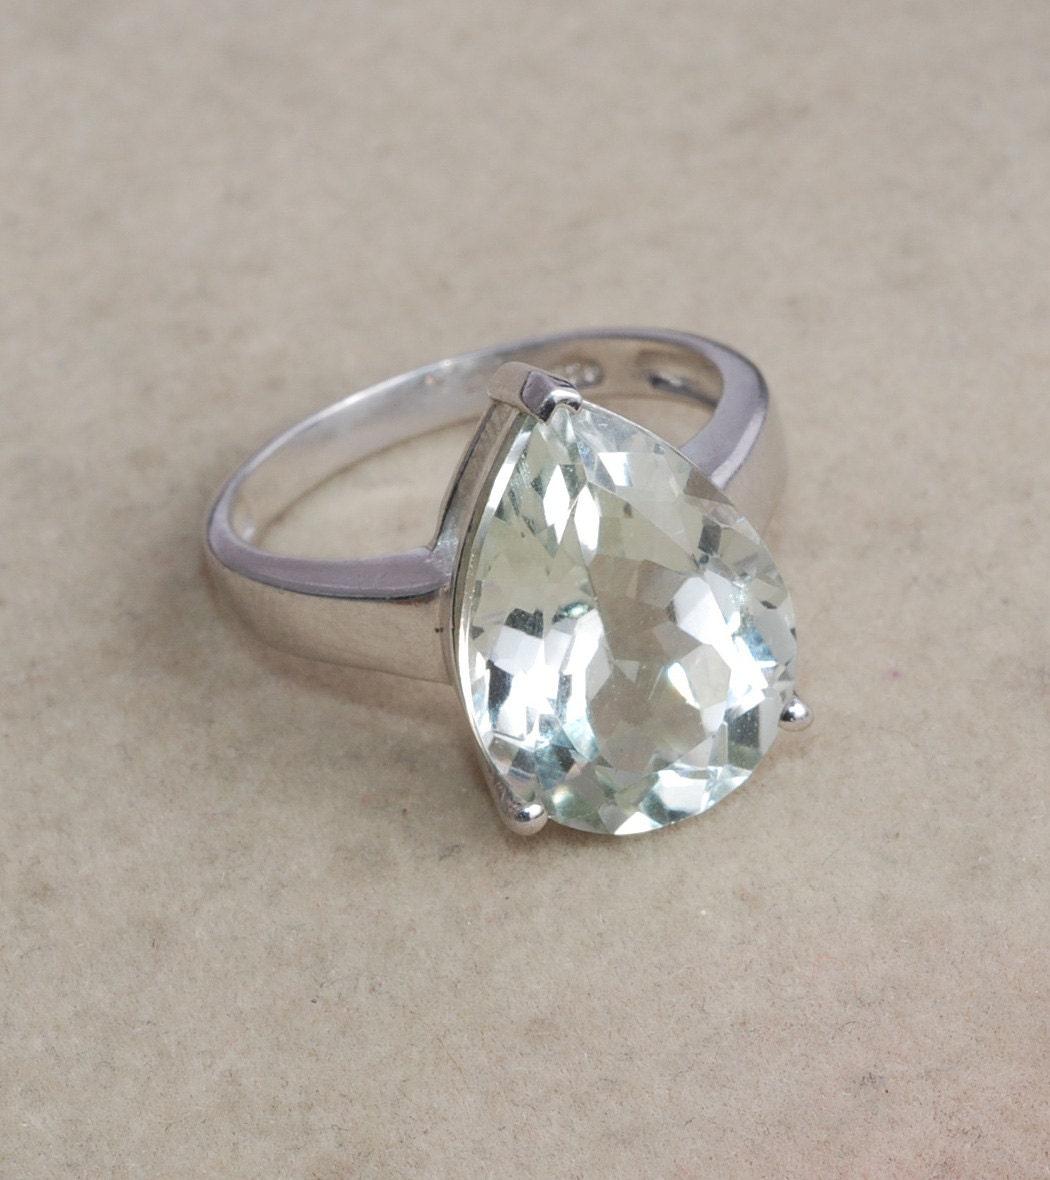 green amethyst 925 sterling silver ring by silverjewelry2015